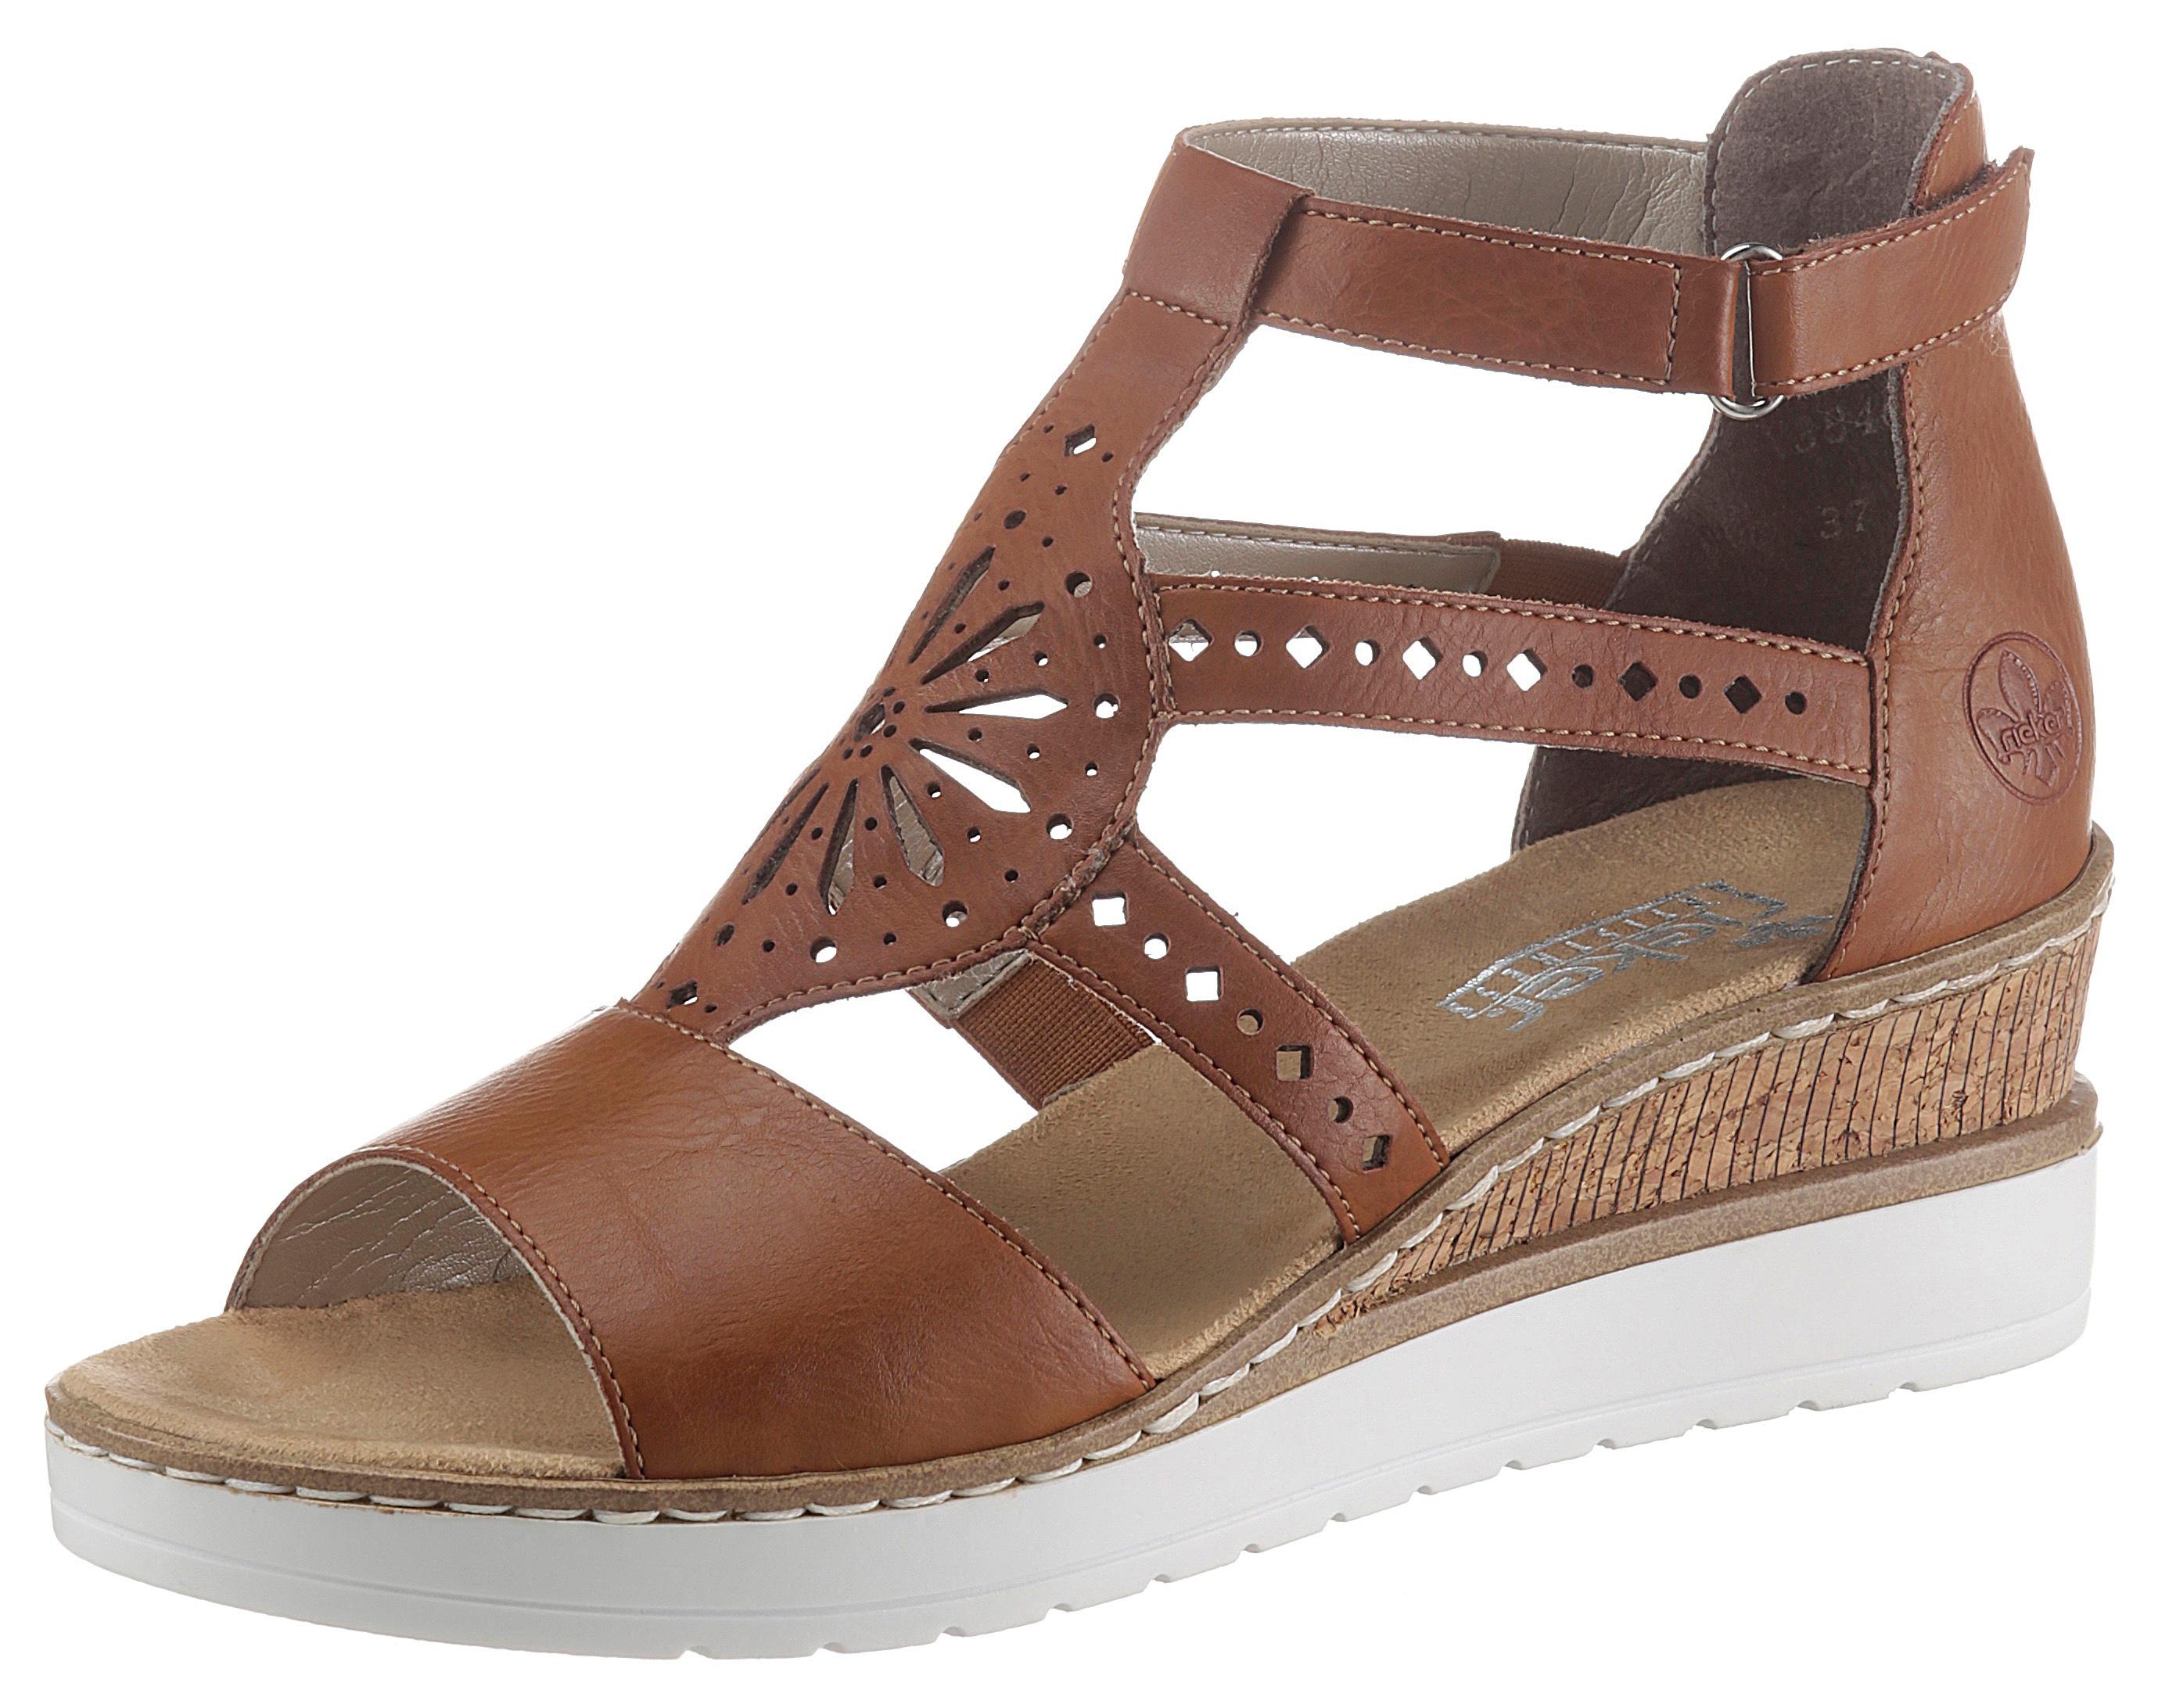 Rieker Sandalette, im Ethno-Look braun Damen Sandaletten Sandalen Sandalette